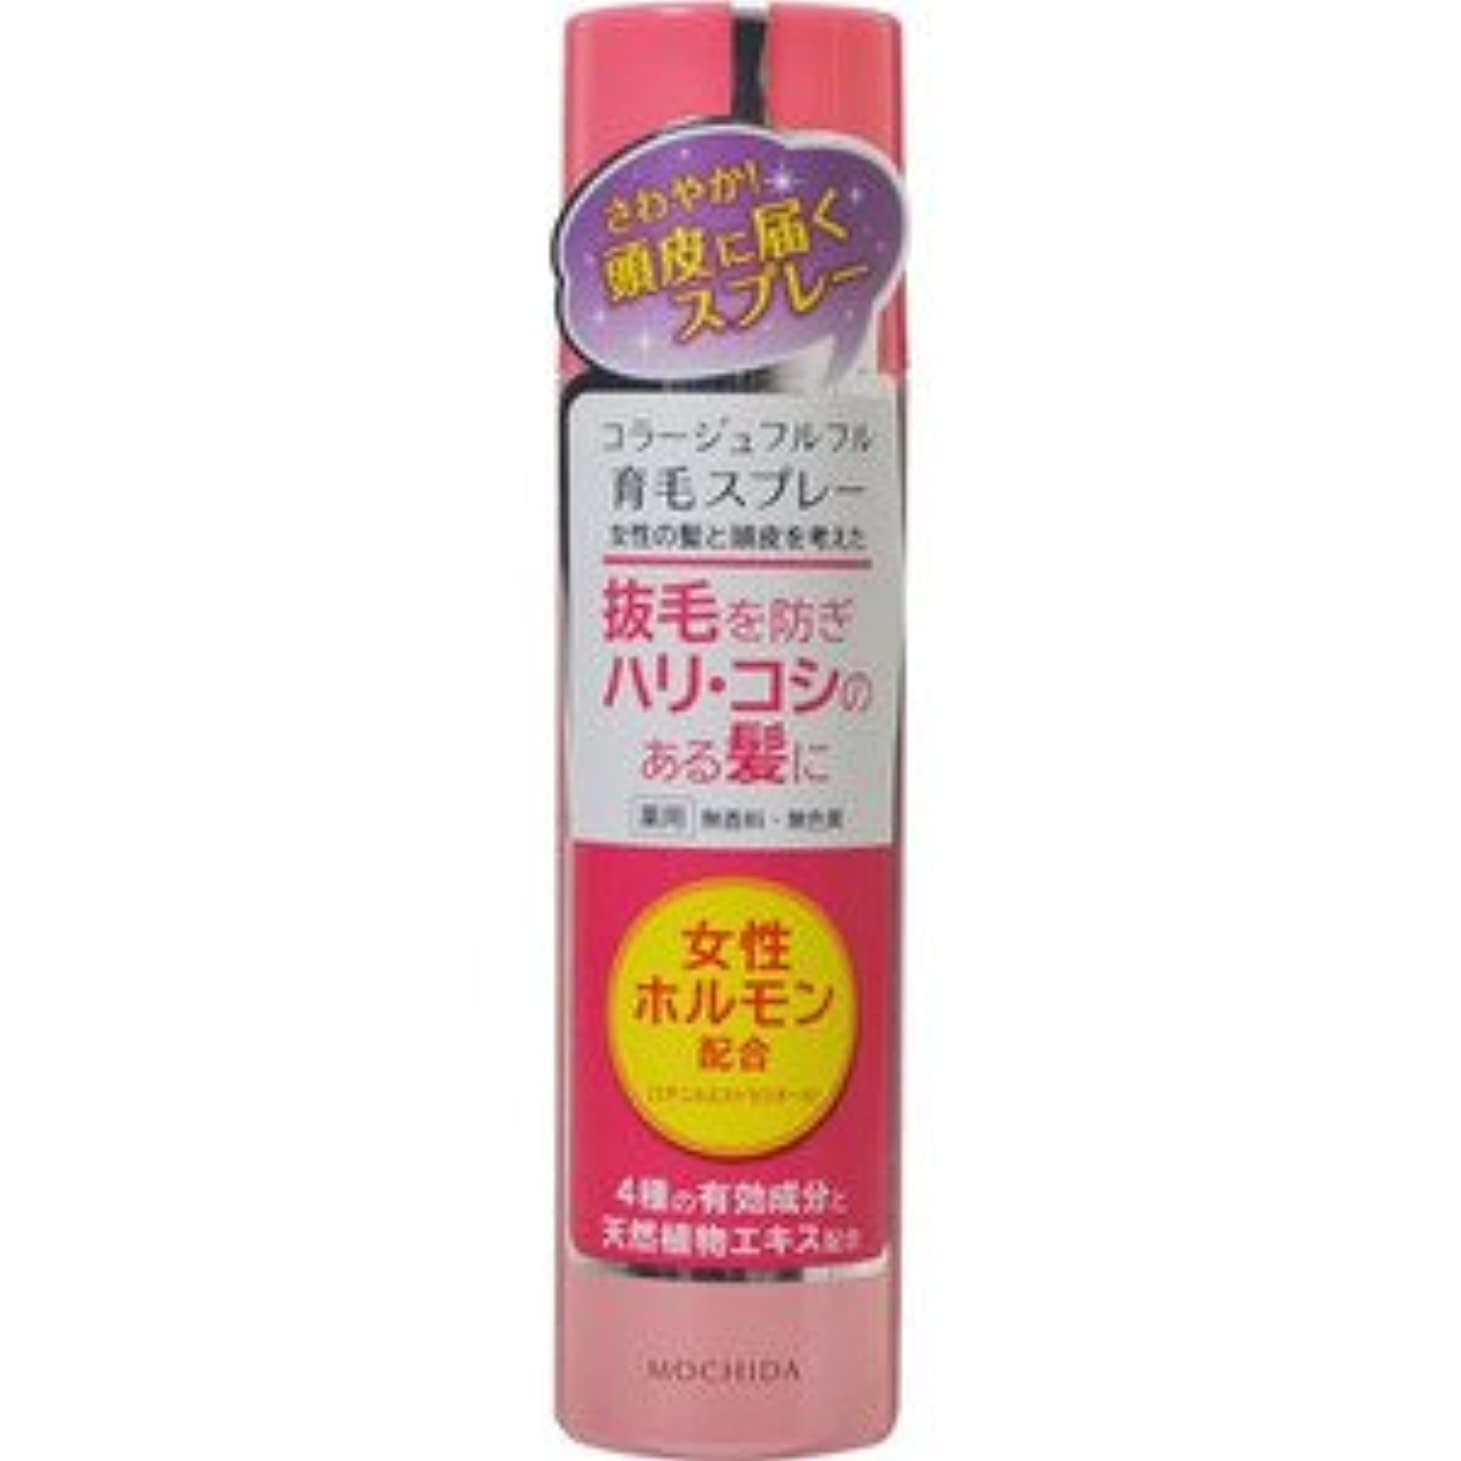 セントキーペダル(持田ヘルスケア)コラージュフルフル 育毛スプレー 150g(医薬部外品)(お買い得3個セット)